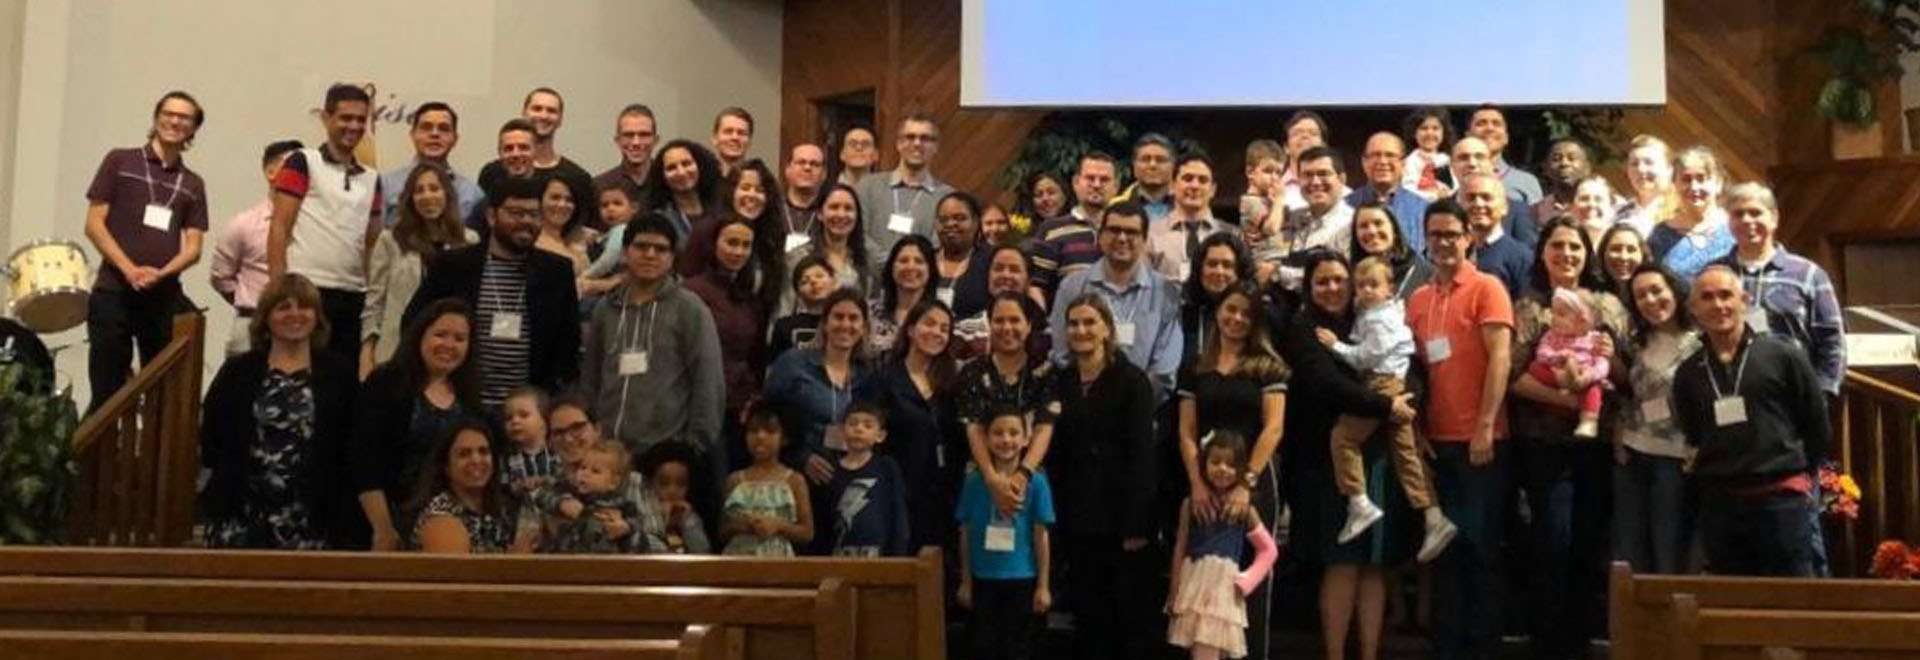 Realização da obra em Winnipeg, Canadá, gera frutos de salvação